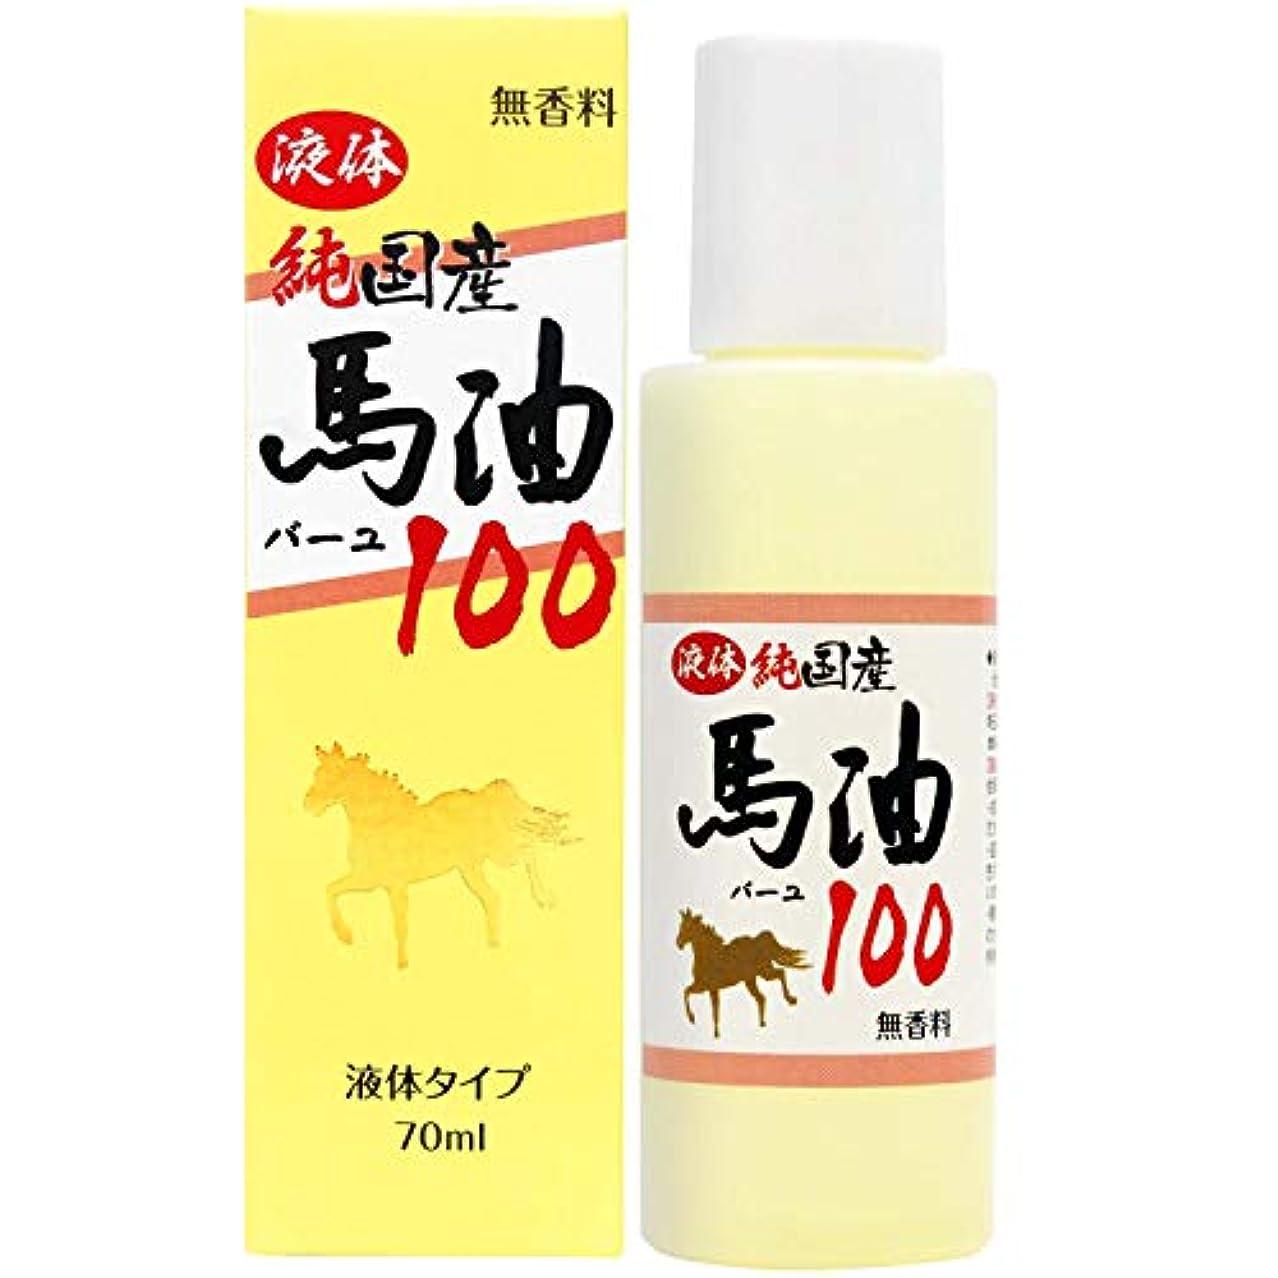 セール黙兄弟愛ユウキ製薬 液体純国産馬油100 70ml